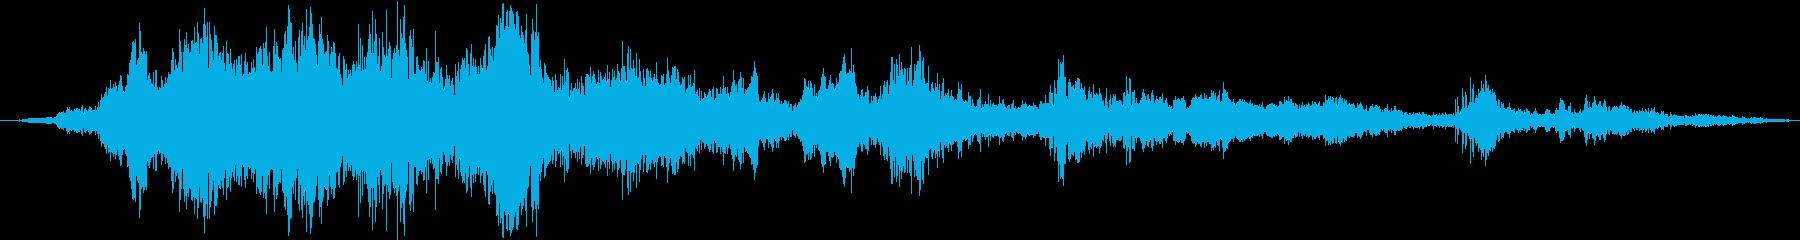 中学生:笑い声、子供または赤ちゃん...の再生済みの波形